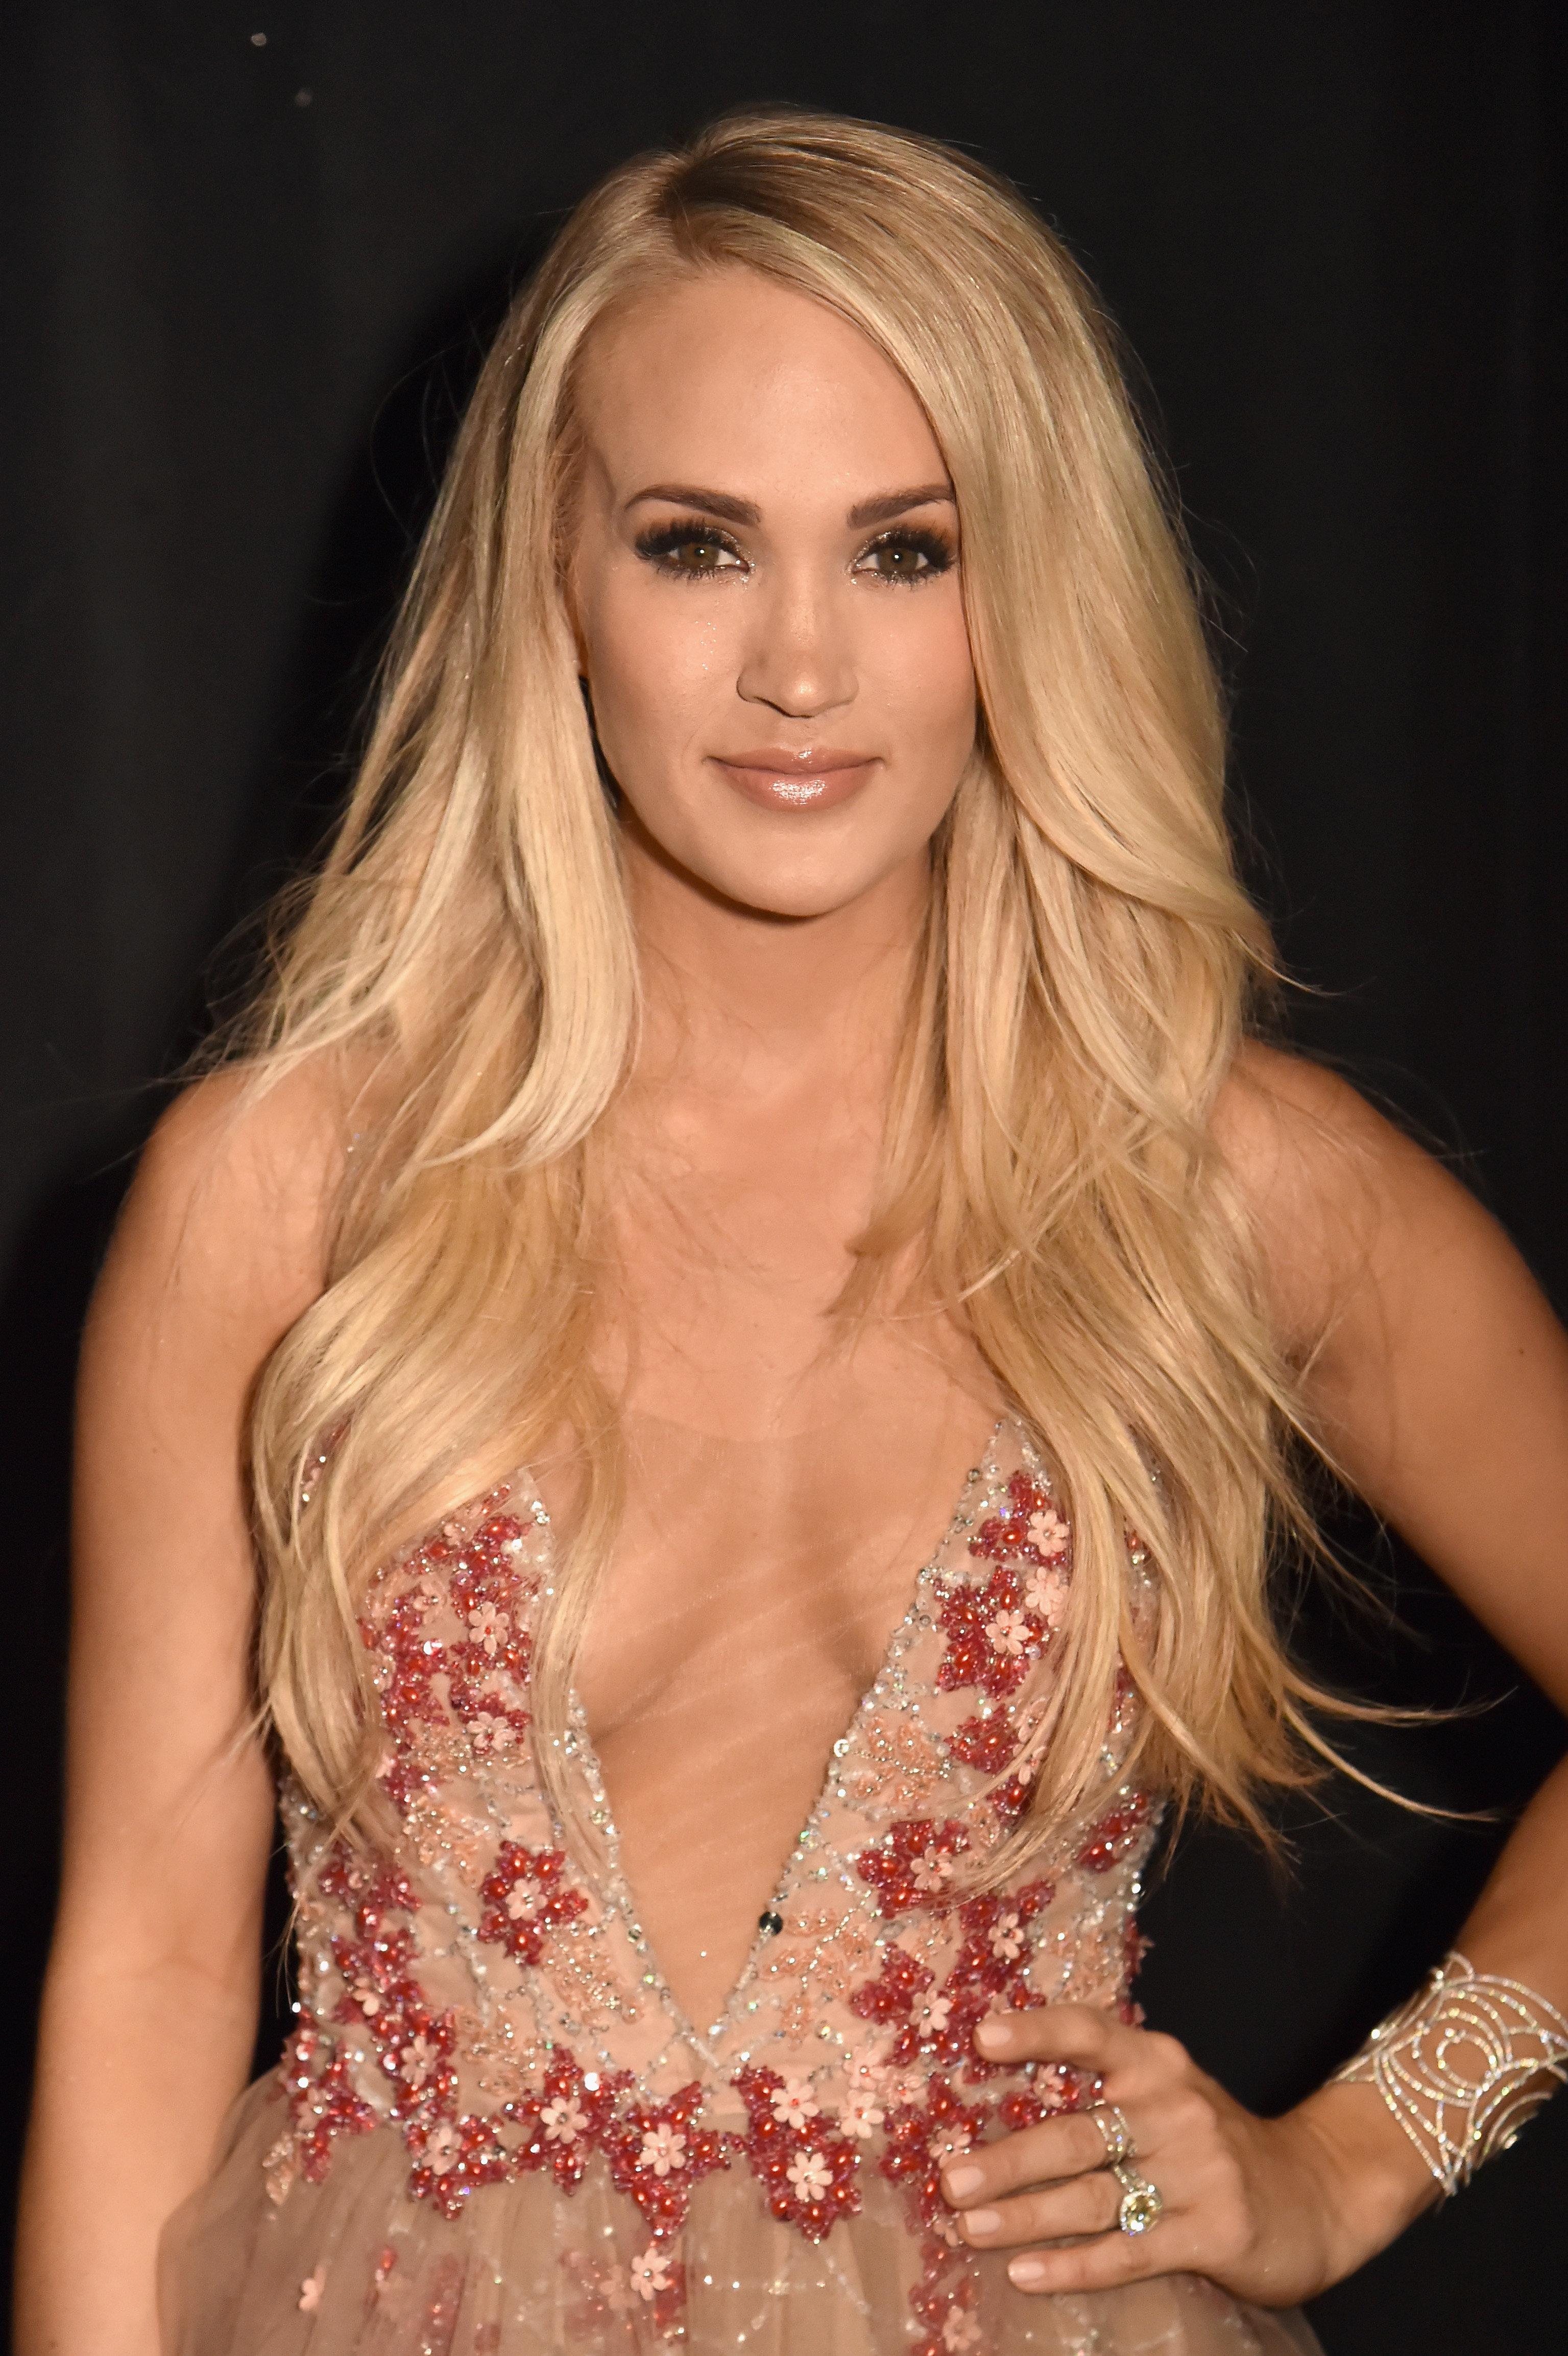 Carrie Underwood nudes (17 photo), hacked Boobs, iCloud, underwear 2018